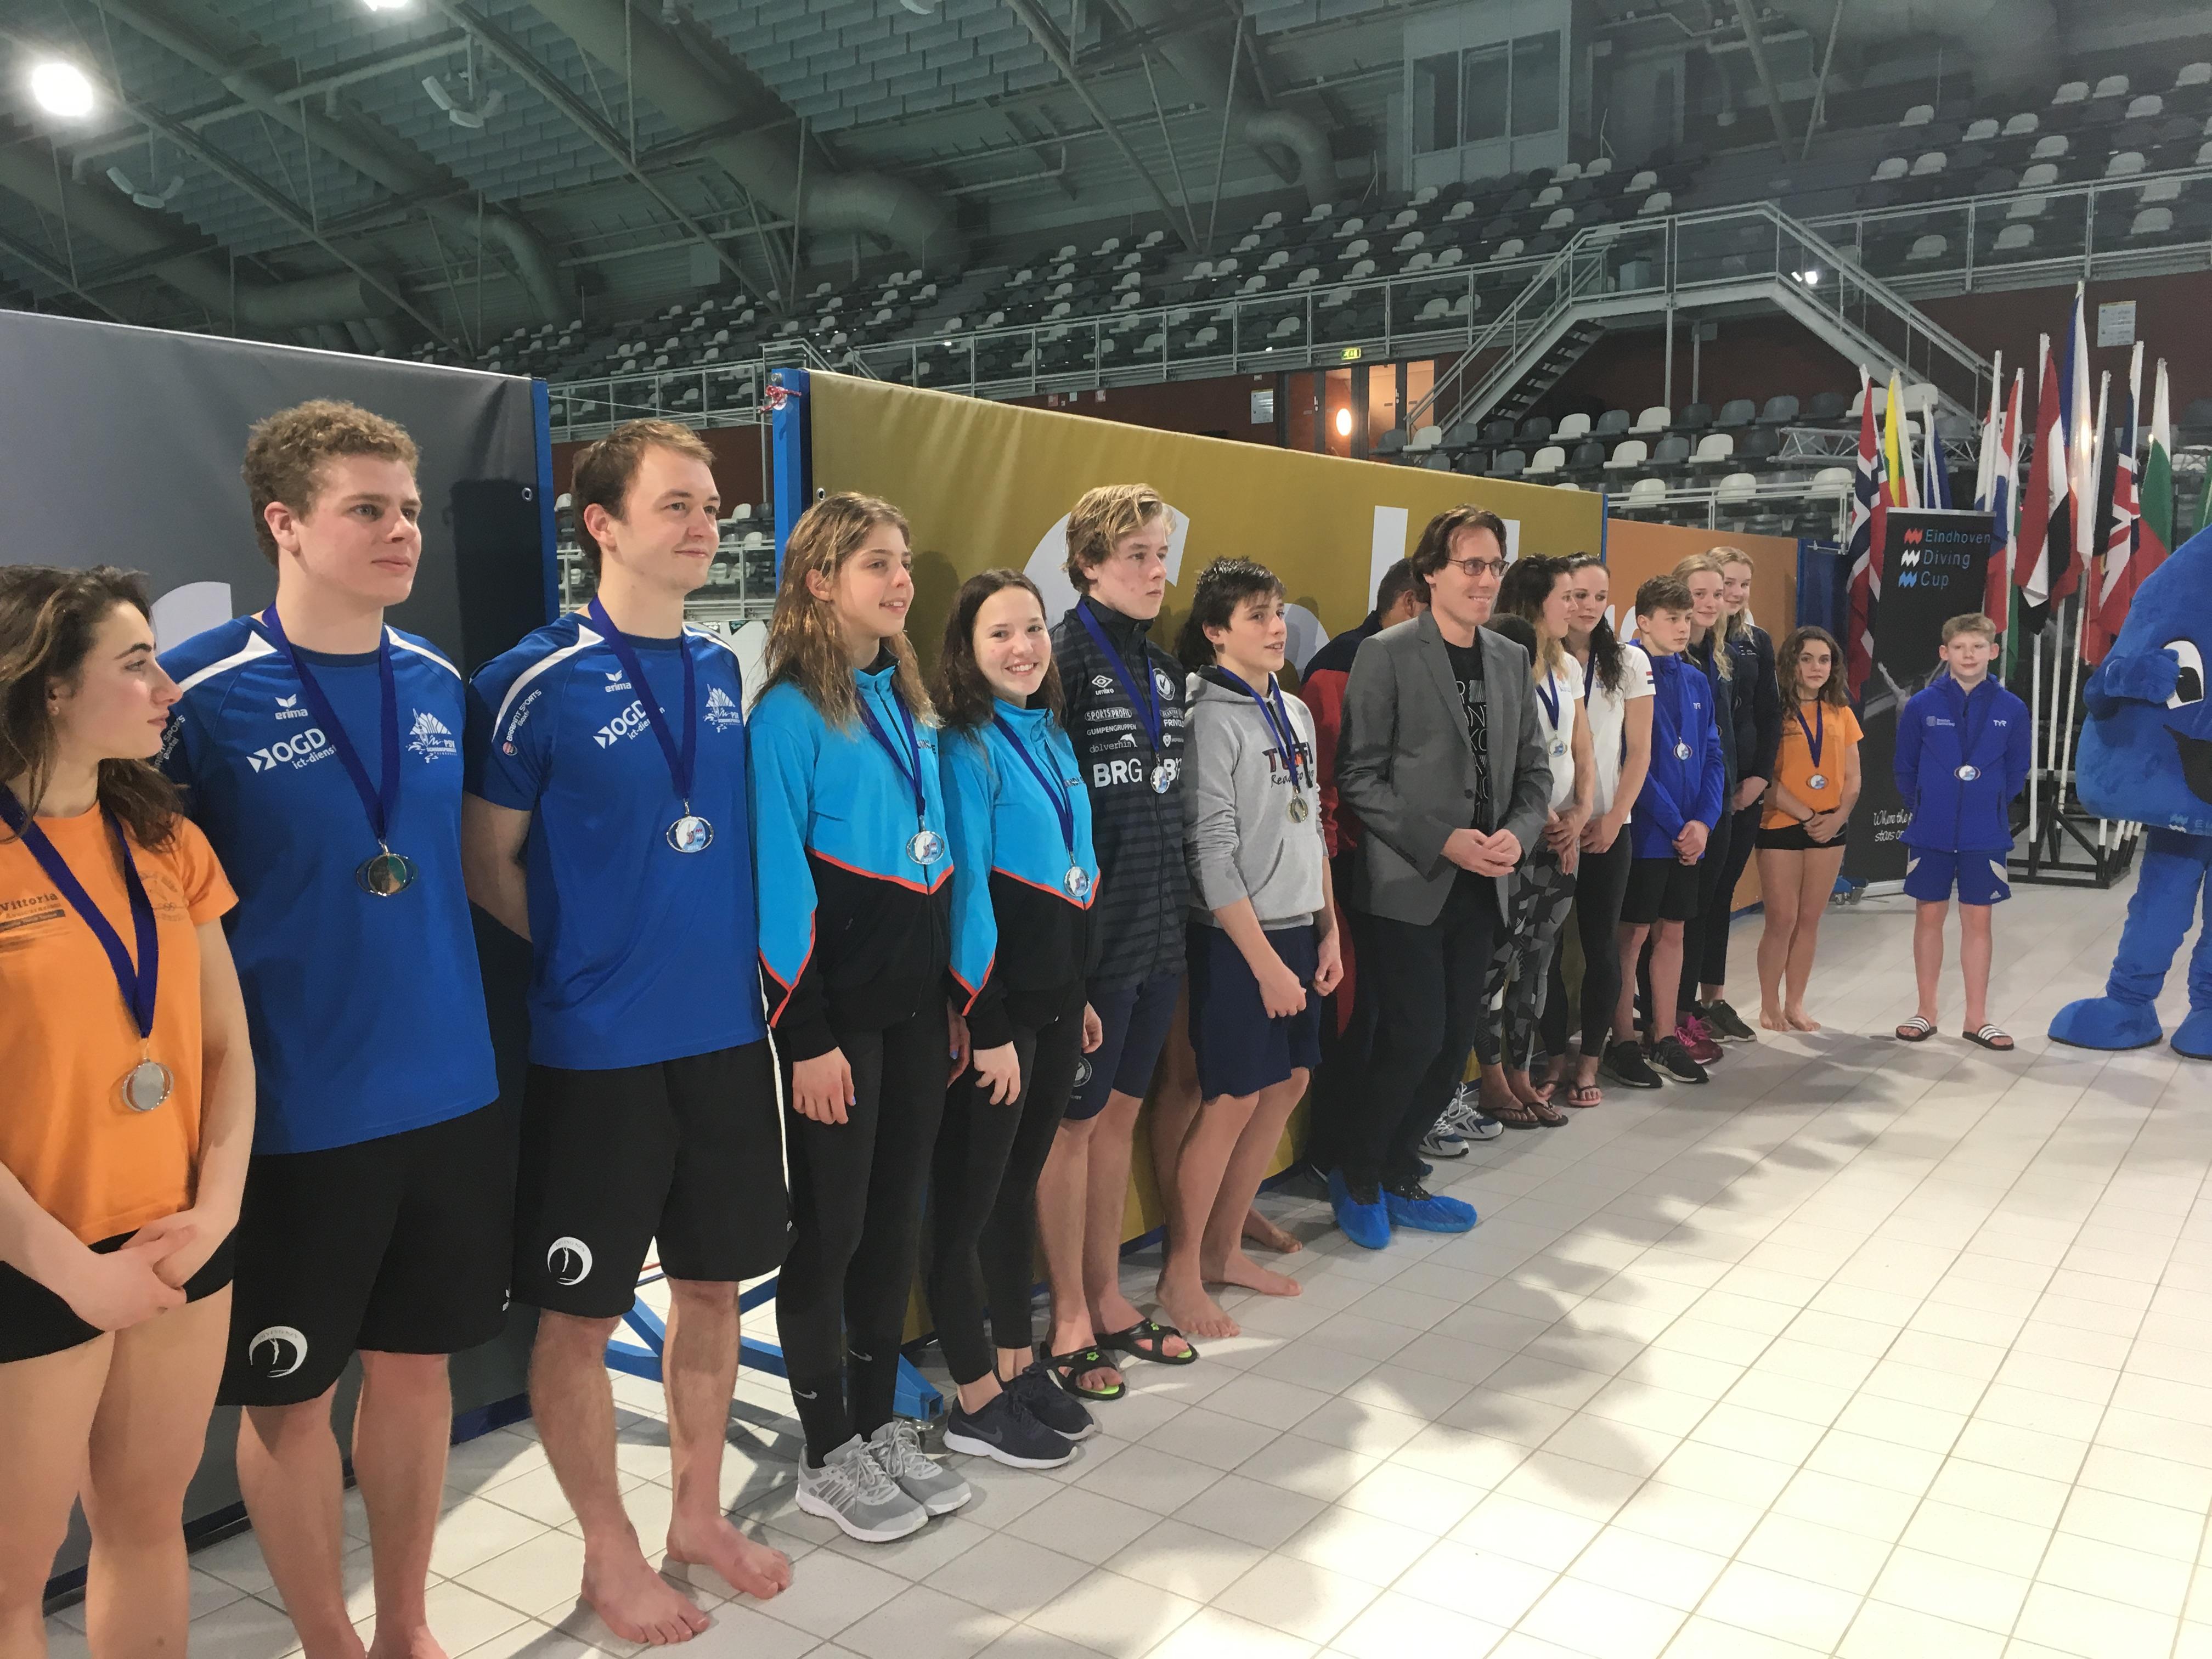 Medaille doda 31-1 Girls B 3m, Boys B 1m, Synchro Women 3m, Synchro Men 3m, Boys A Platform